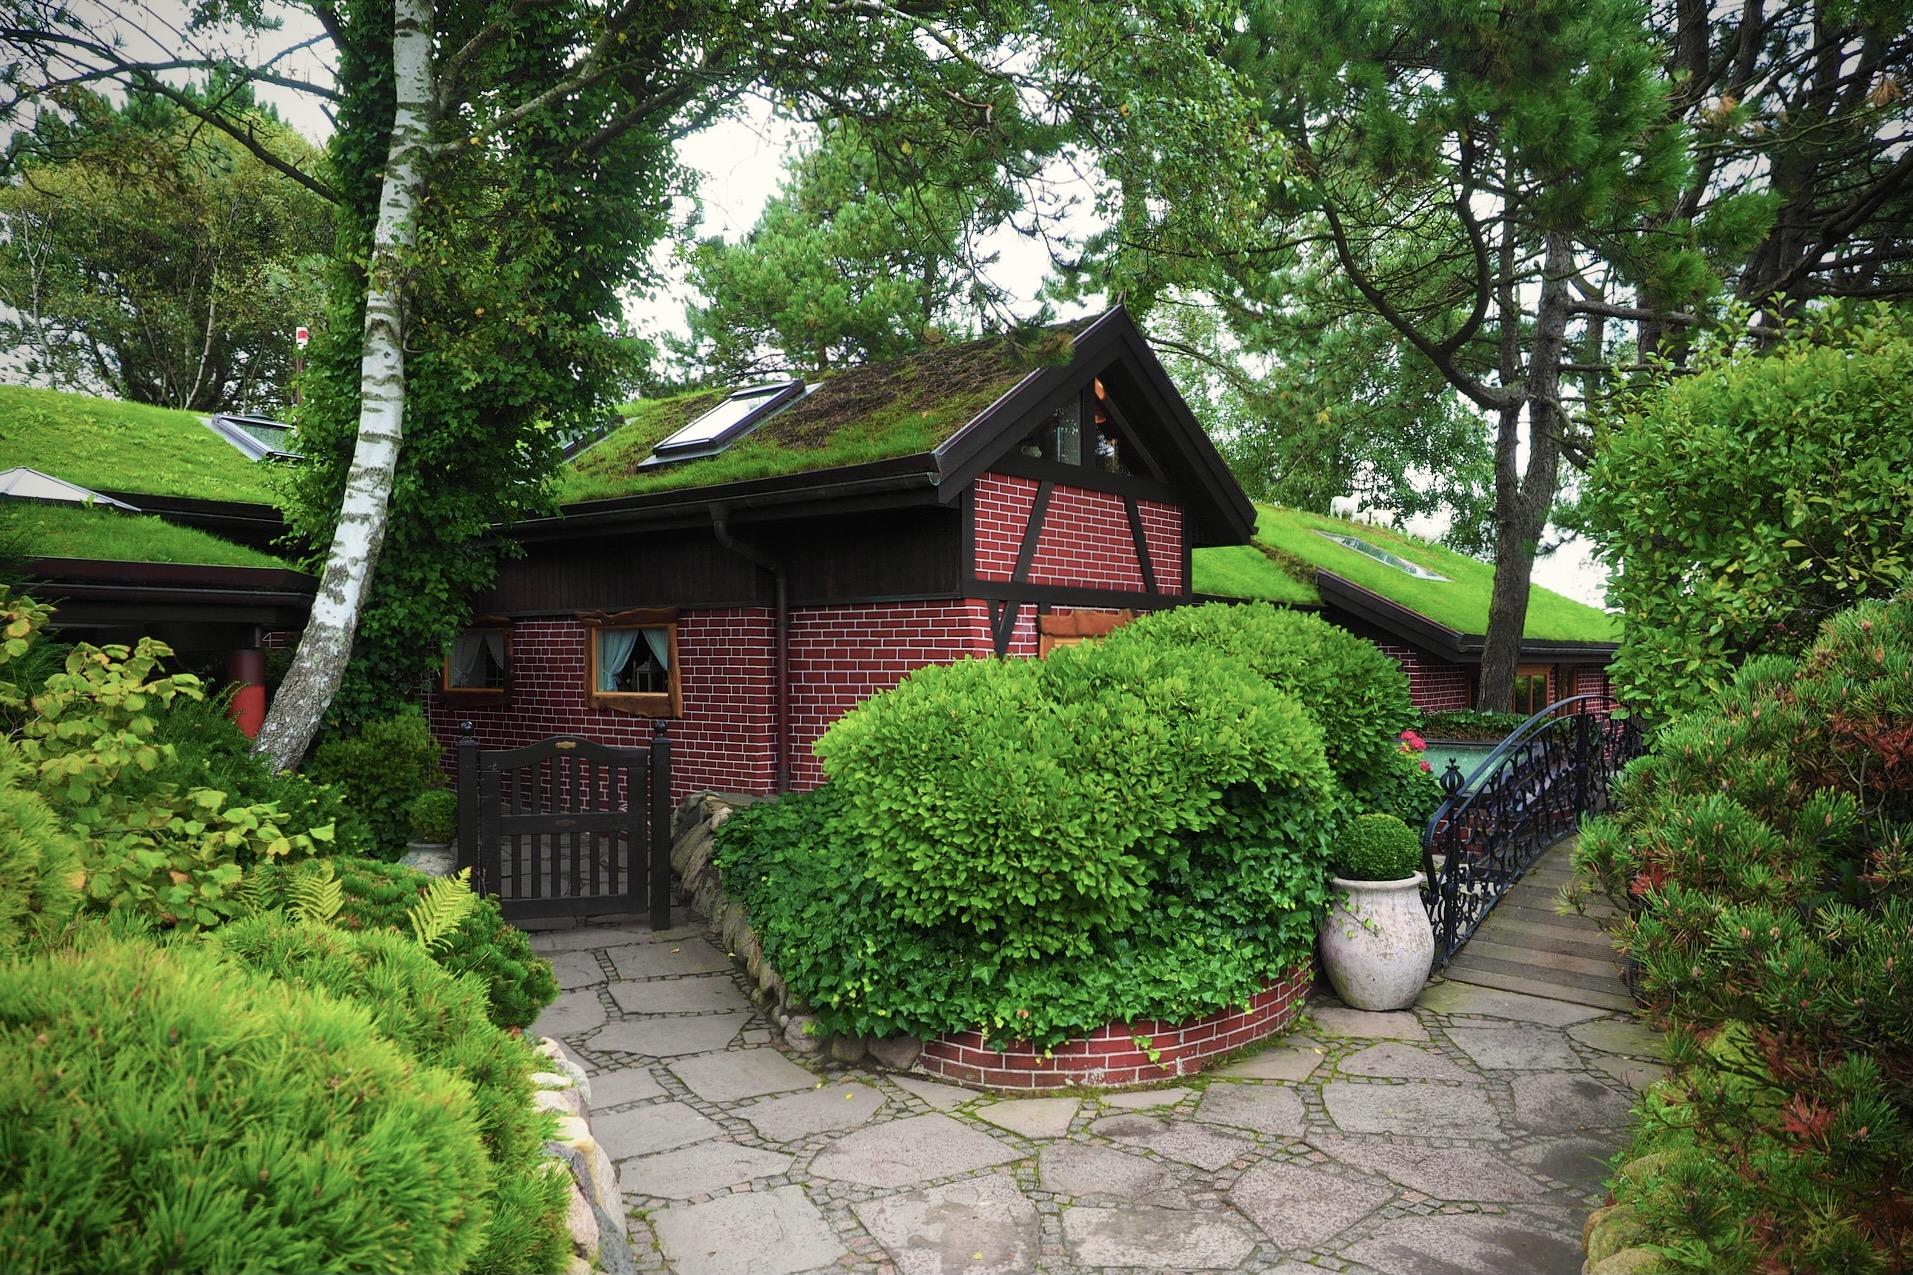 Das Restaurant und Cafe Kupferkanne auf Sylt